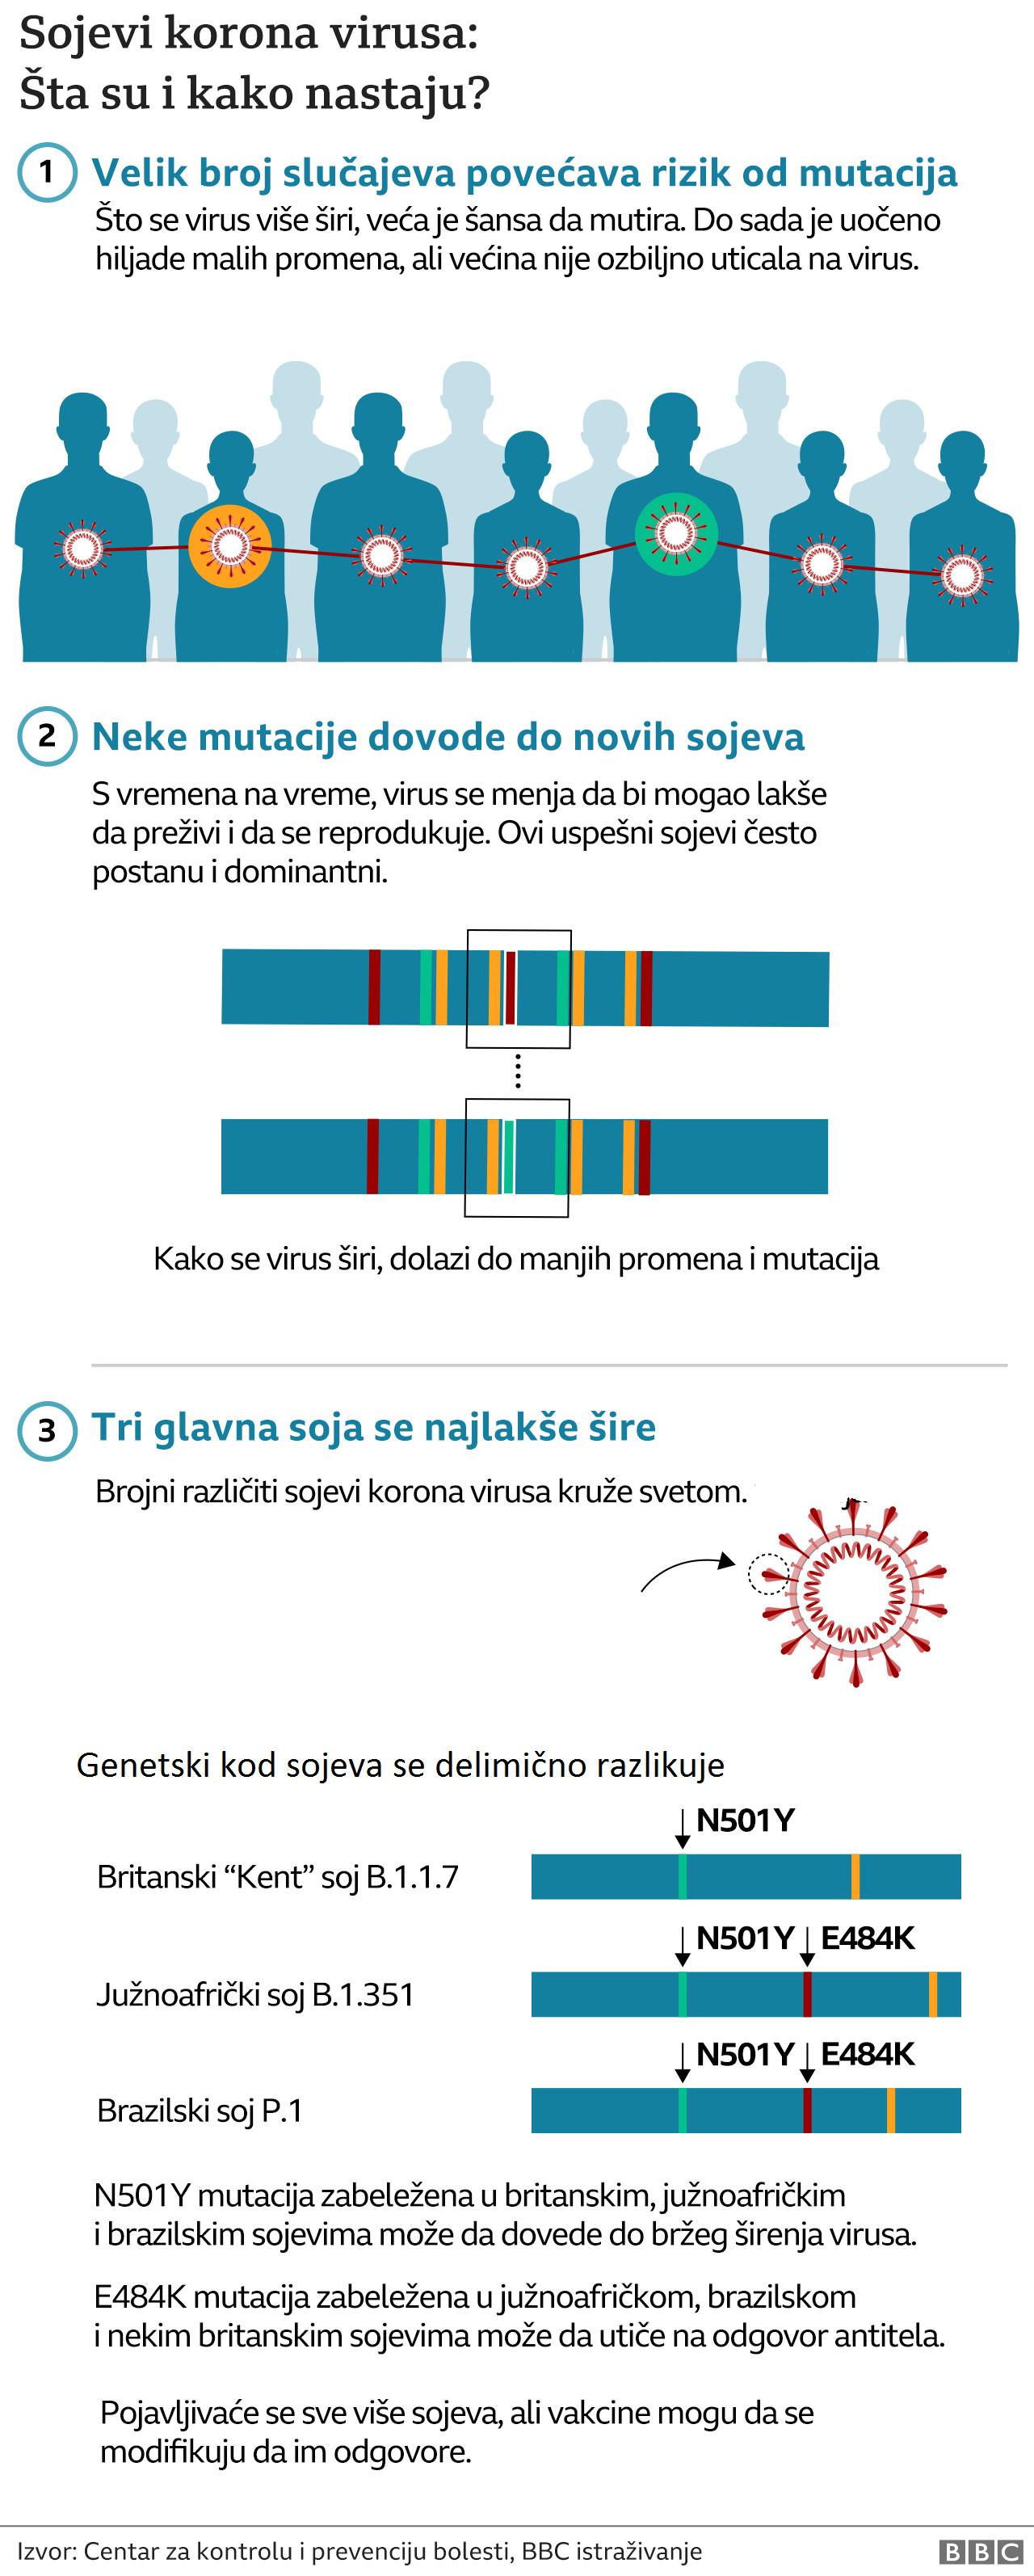 Korona virus: Broj zaraženih u Srbiji raste, zaseda Krizni štab, Merkel kaže da je Nemačka u trećem talasu pandemije